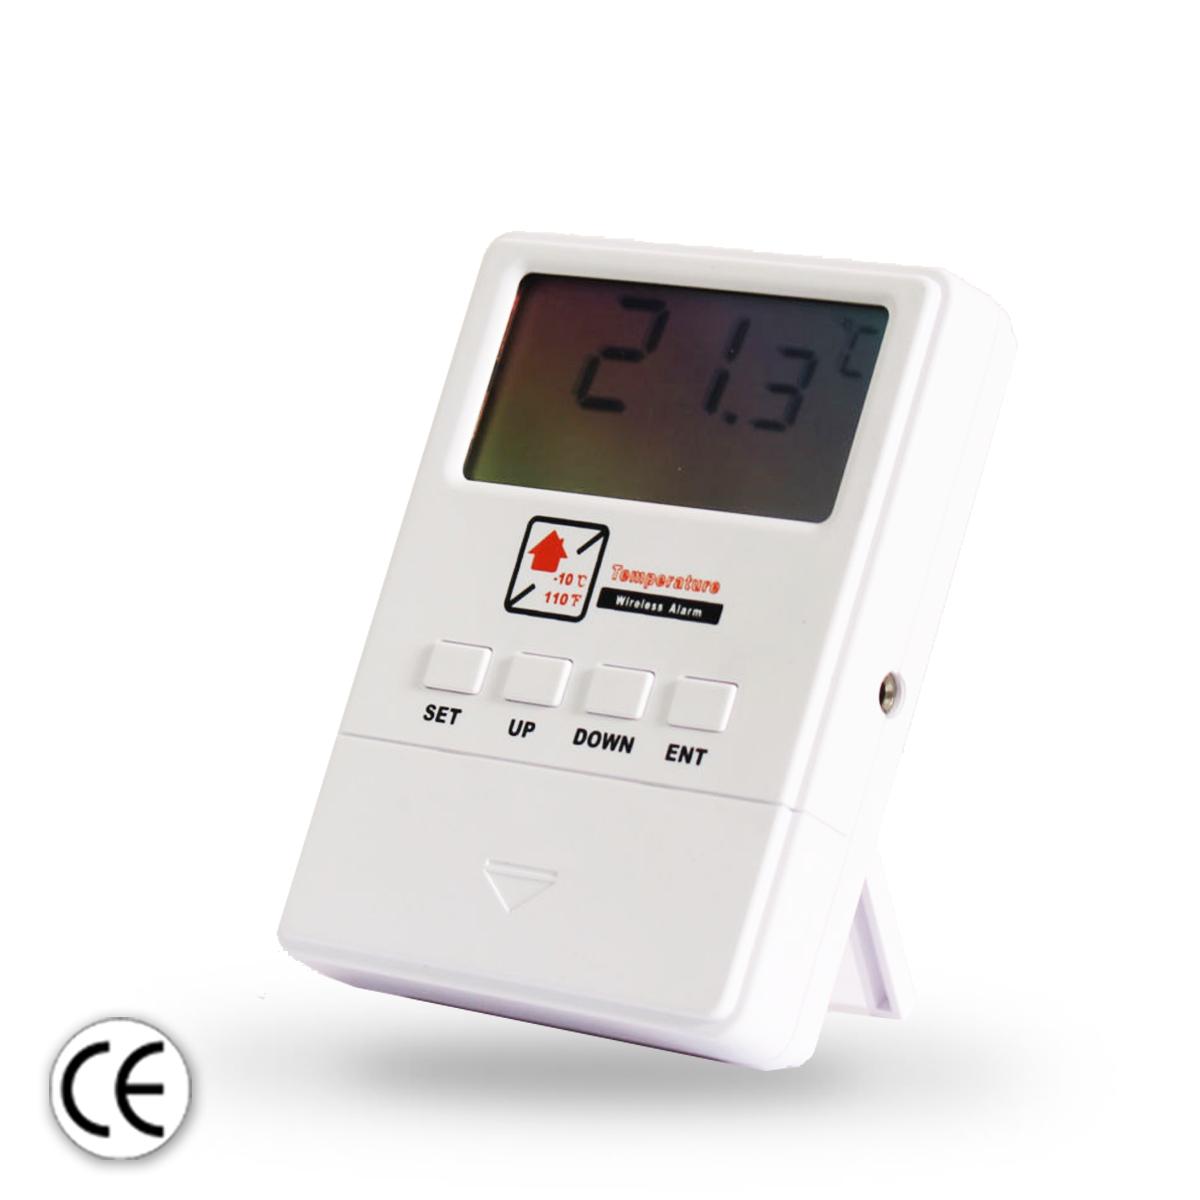 Каталог Беспроводной датчик температуры темп1.png